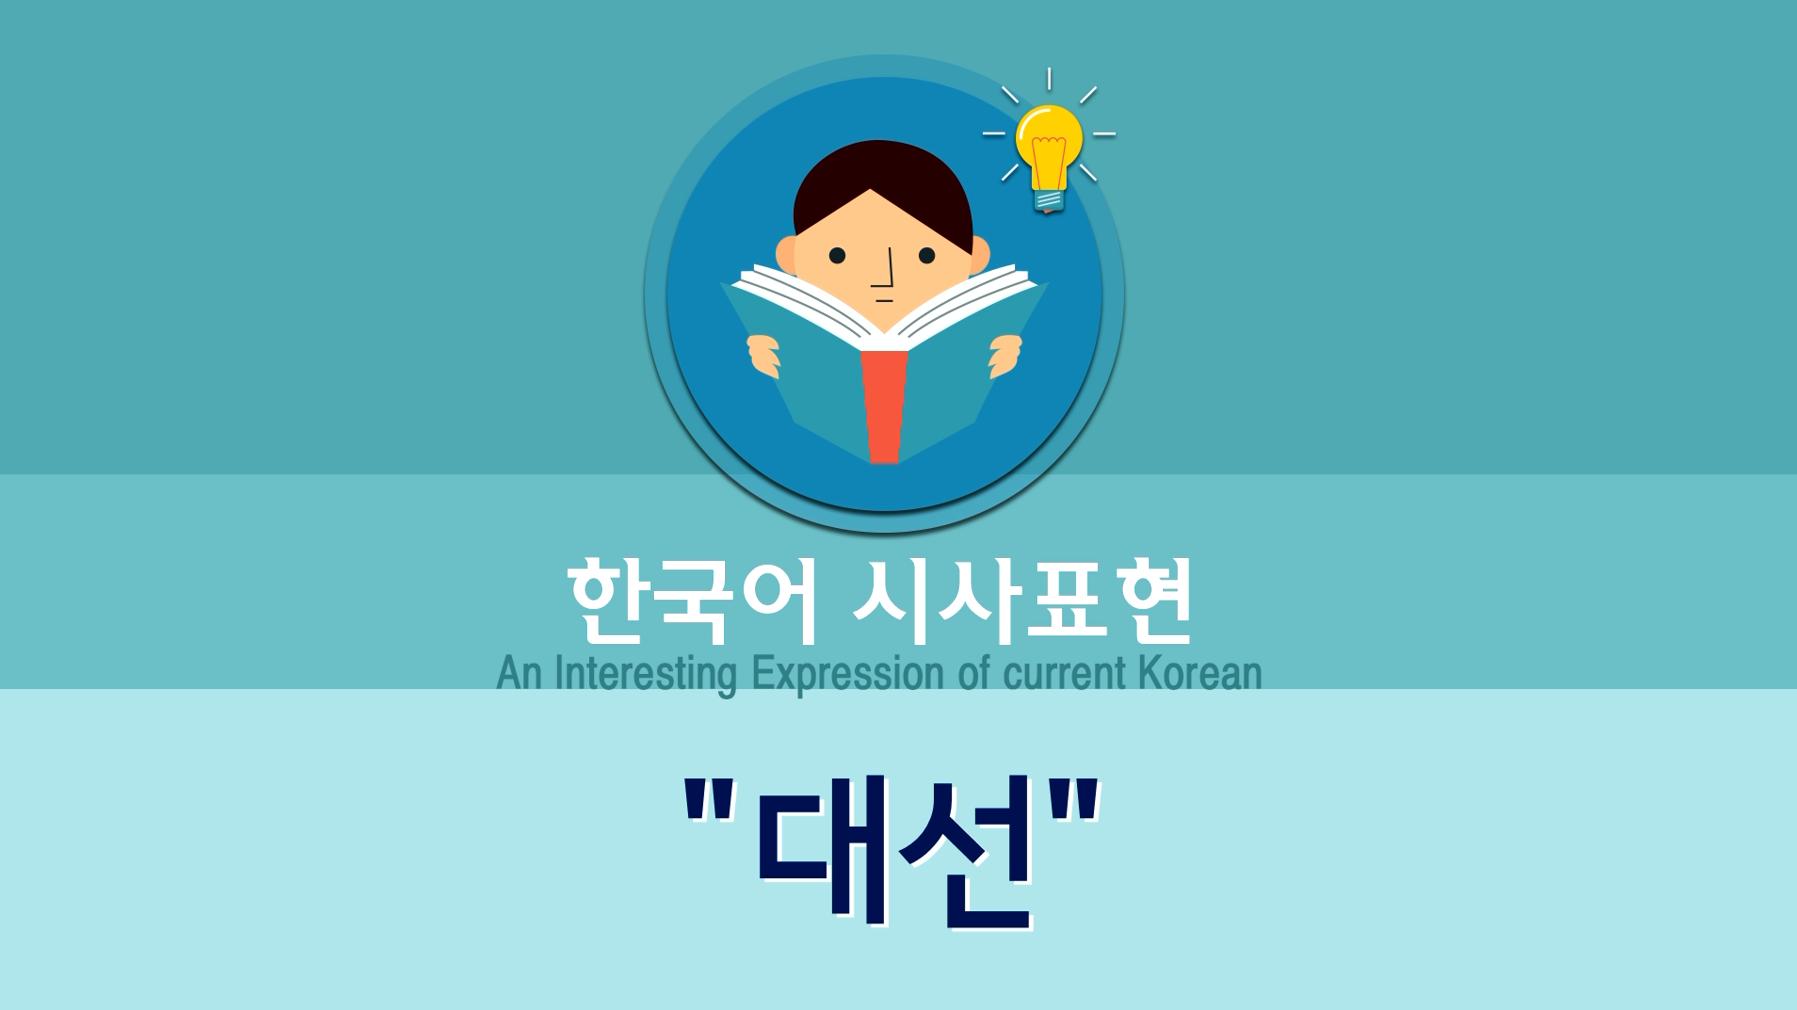 [韩语时事表达]#24. 대선(大选):总统选举的简称